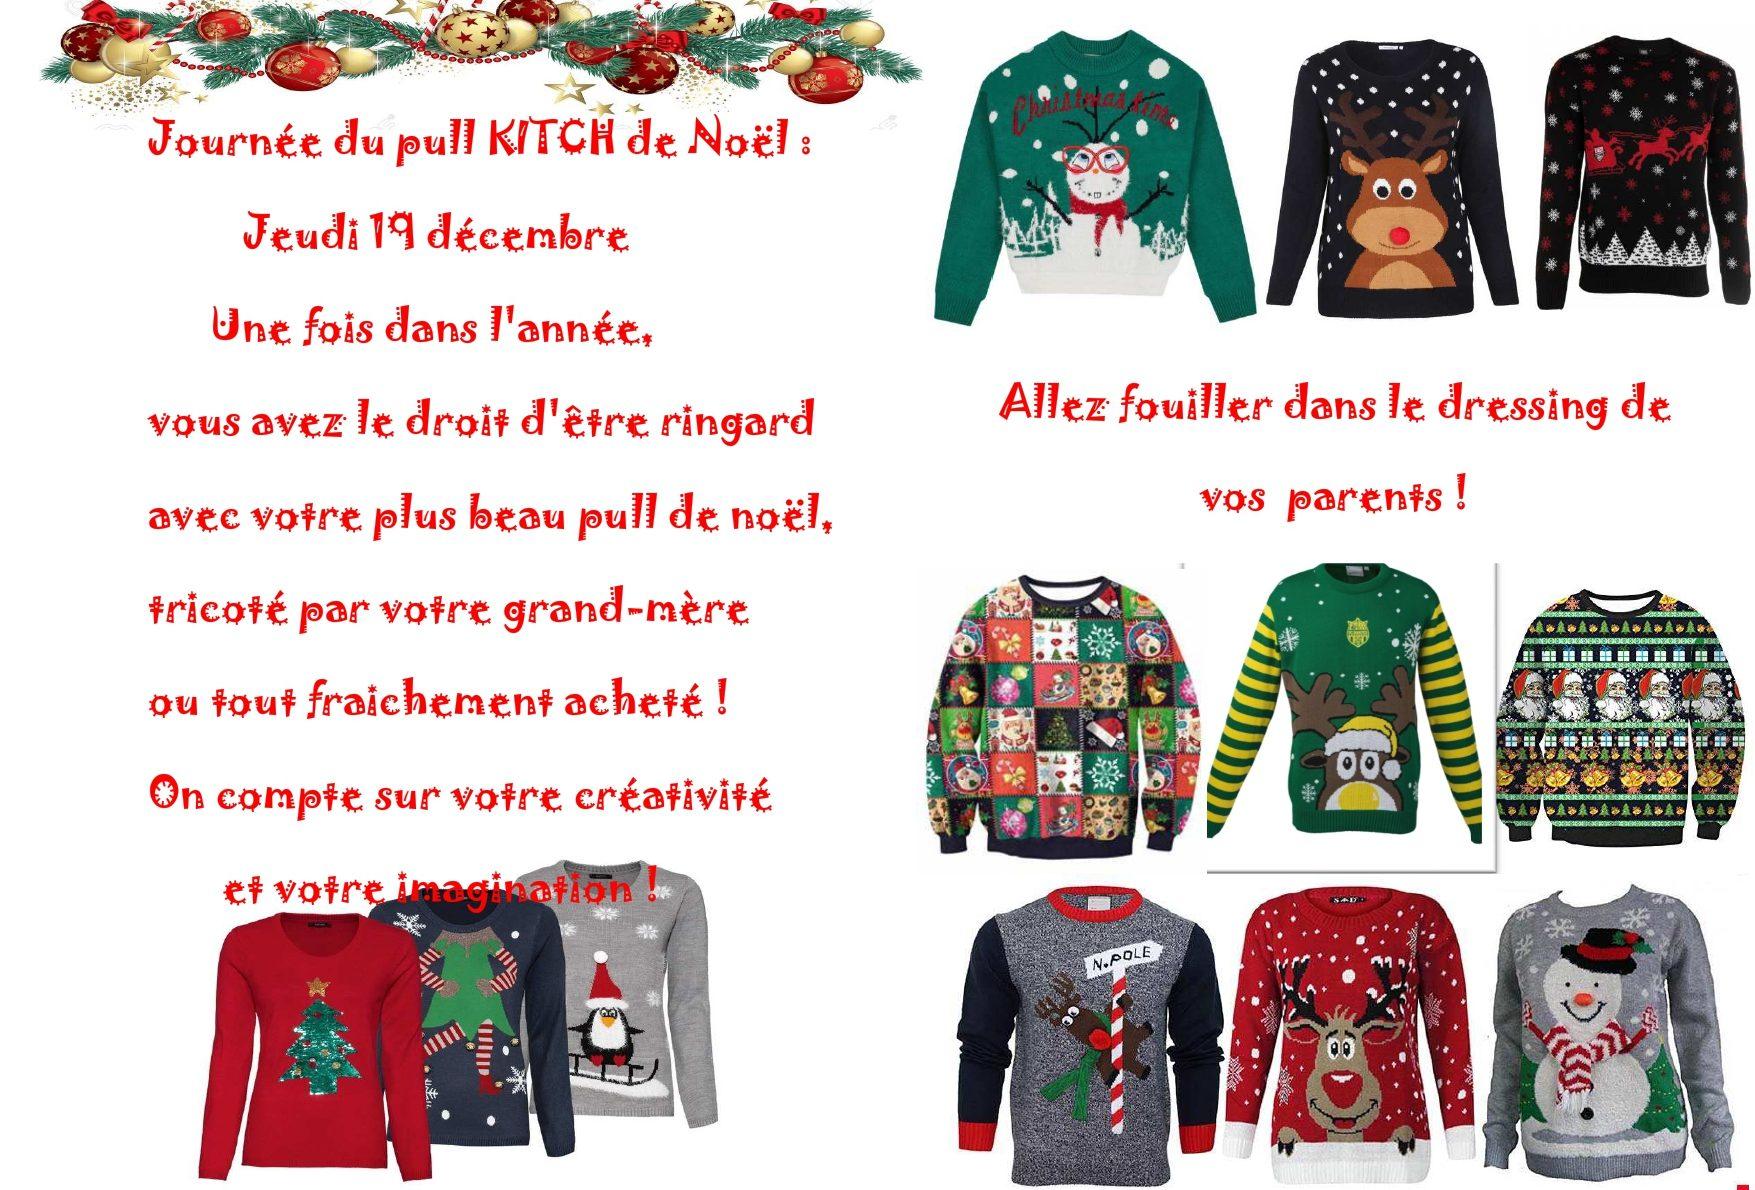 Journée du pull KITCH de Noël-Affiche _1__page-0001.jpg